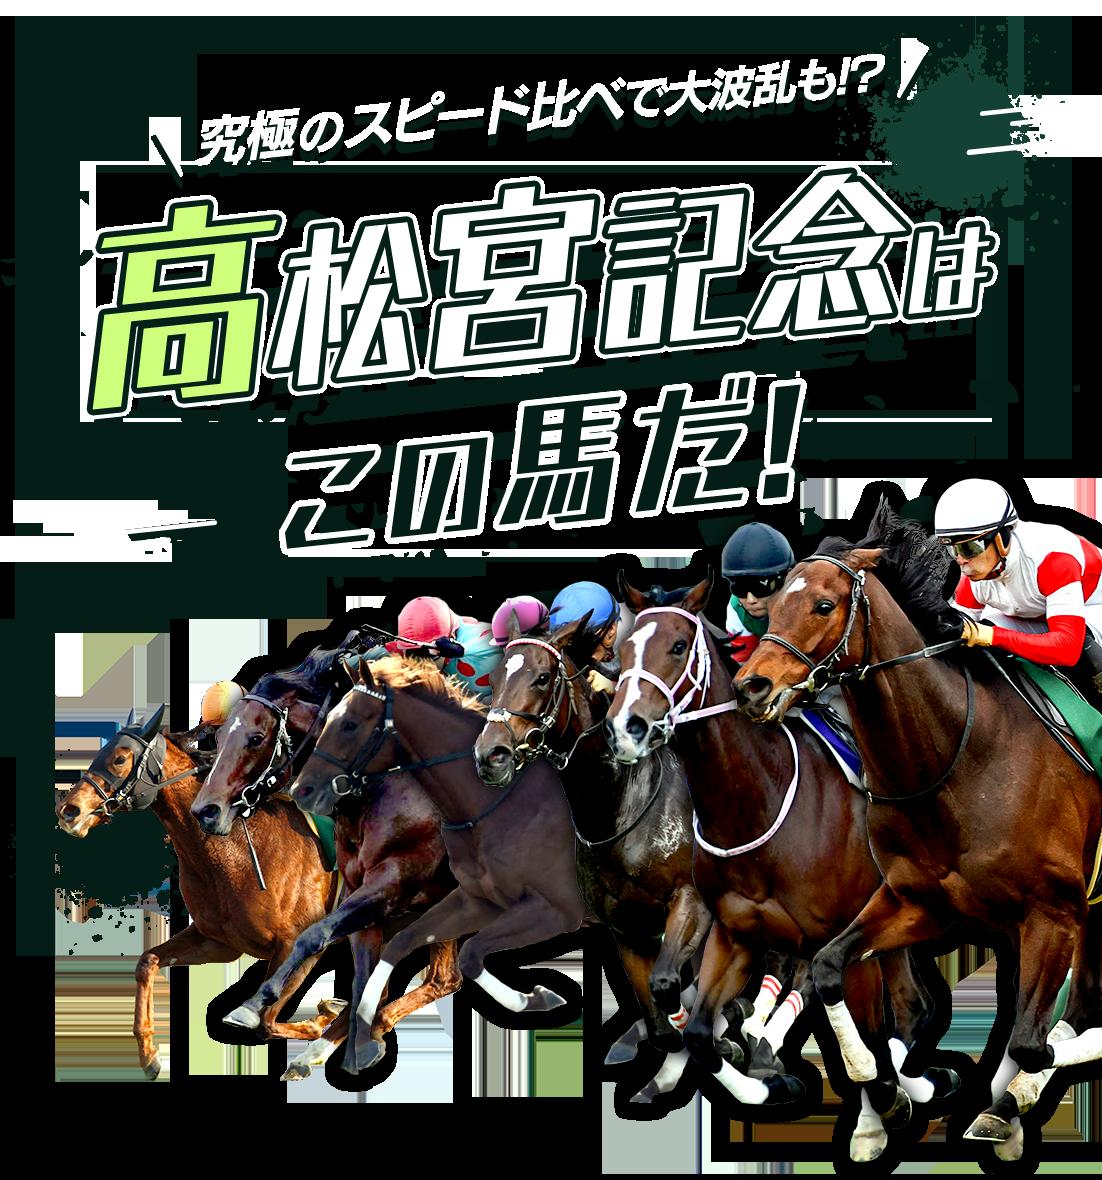 究極のスピード比べで大波乱も!?高松宮記念はこの馬だ!